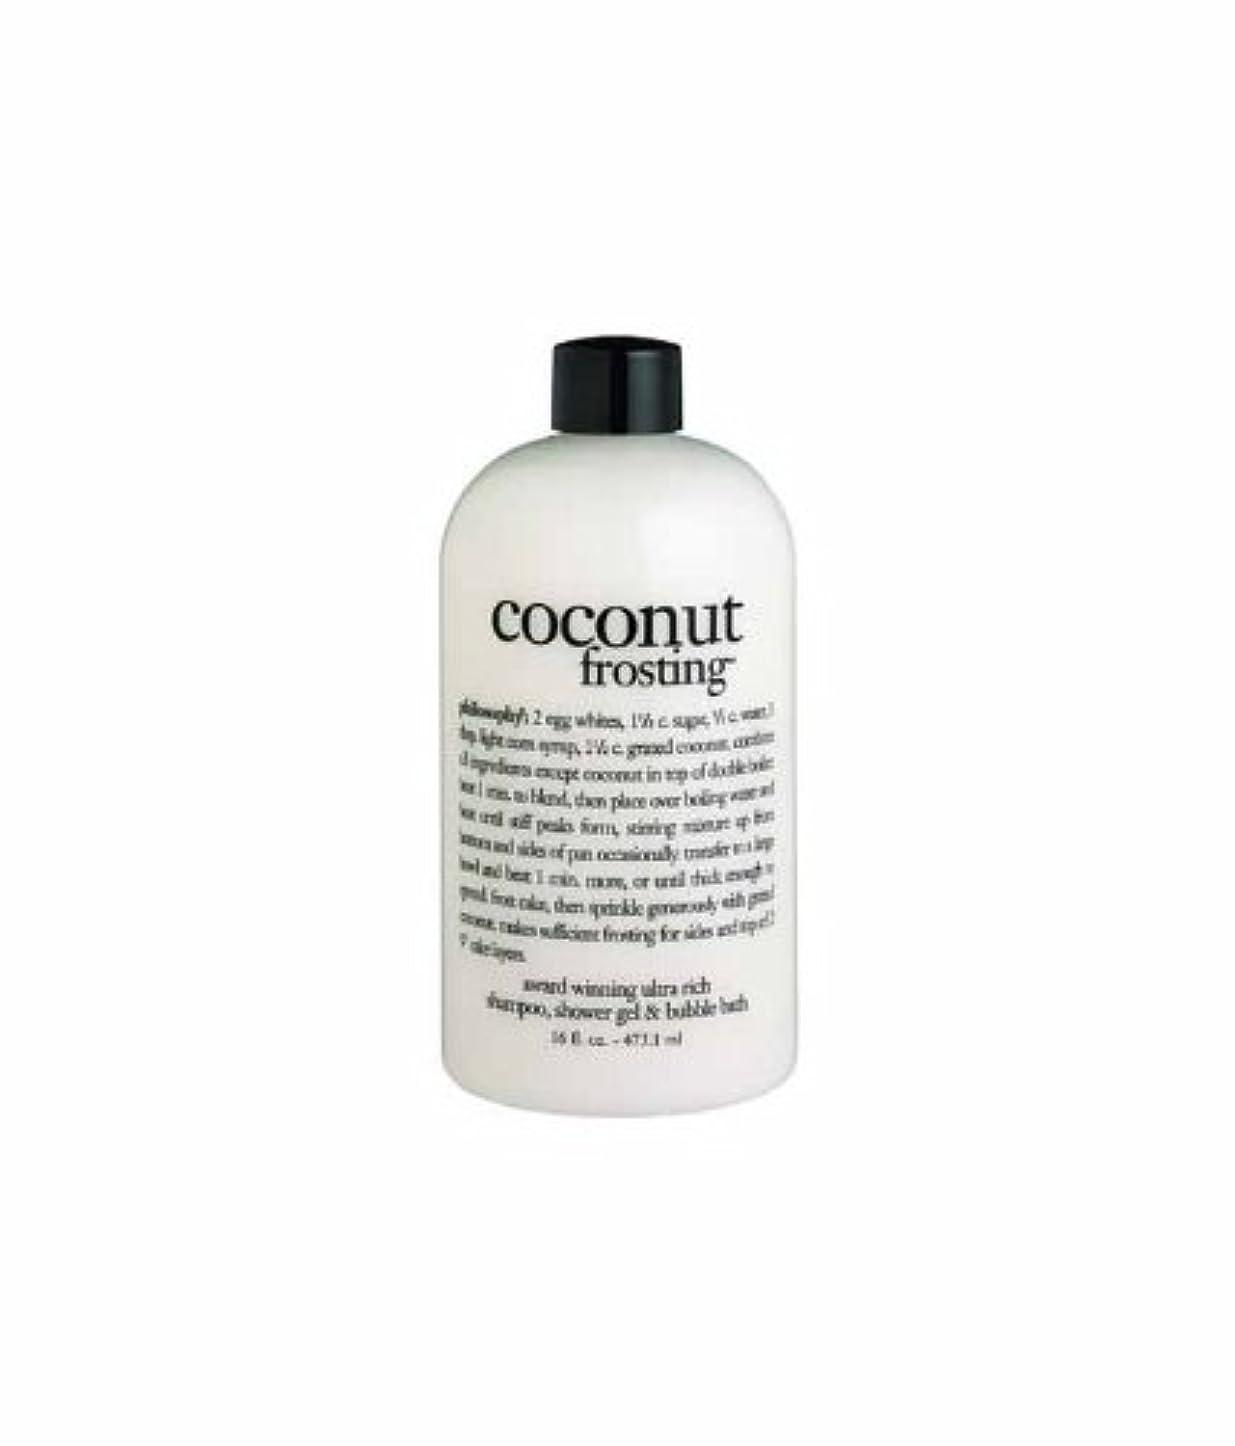 ヒューム無数の緩めるby Coconut Frosting - Shampoo, Shower Gel & Bubble Bath--480ml/16oz by Philosophy